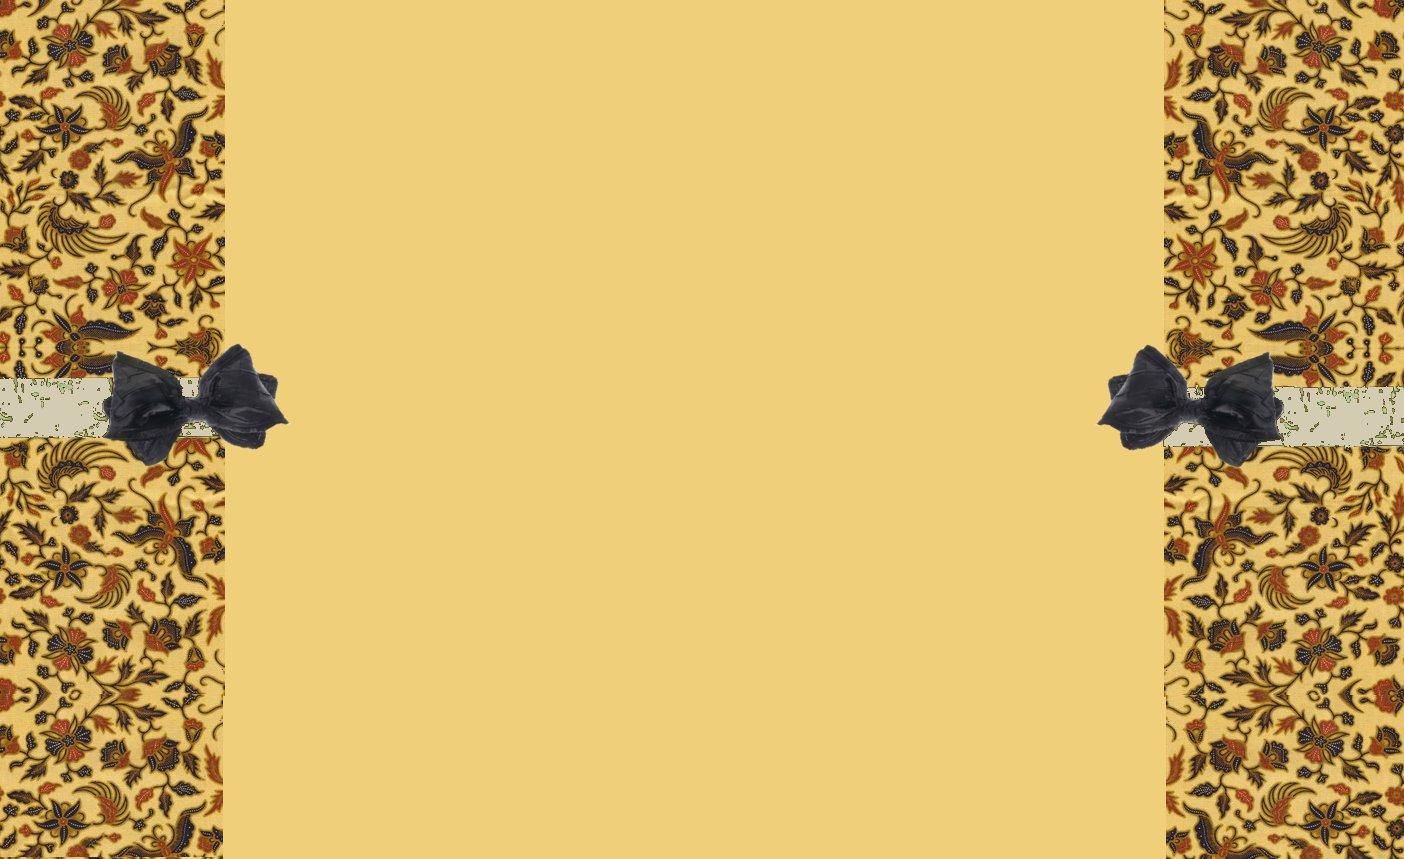 Background Designer: Batik Background